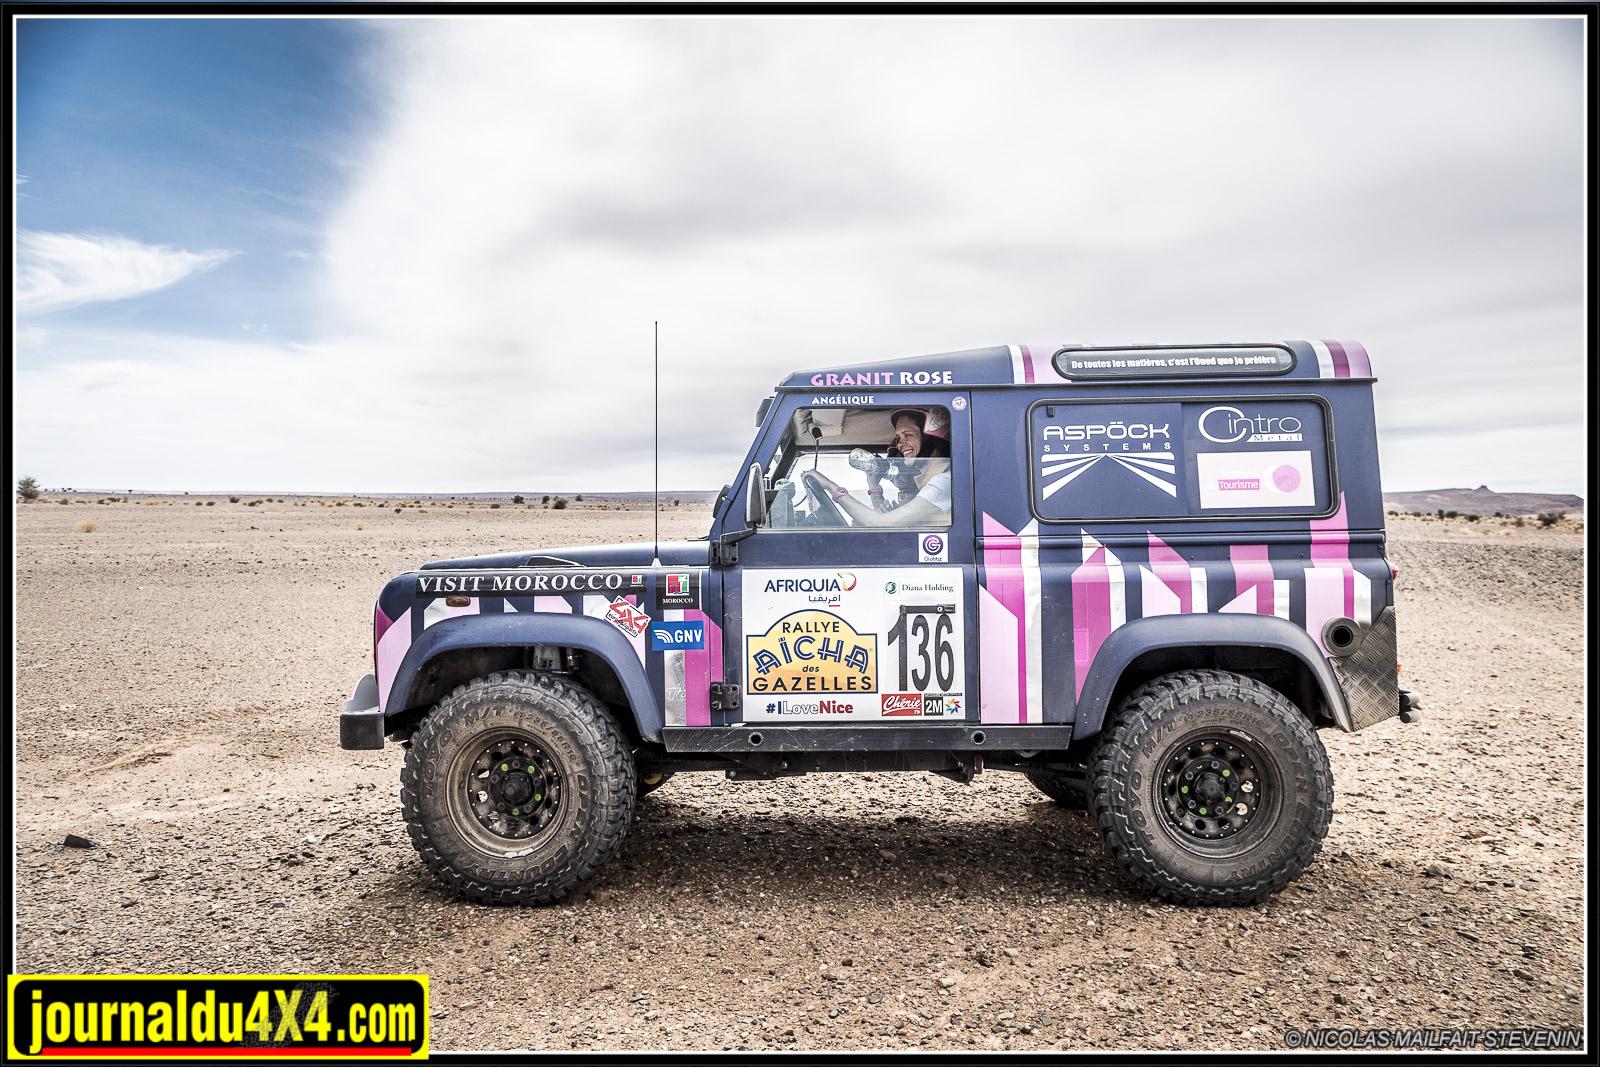 rallye-aicha-gazelles-maroc-2017-6775.jpg